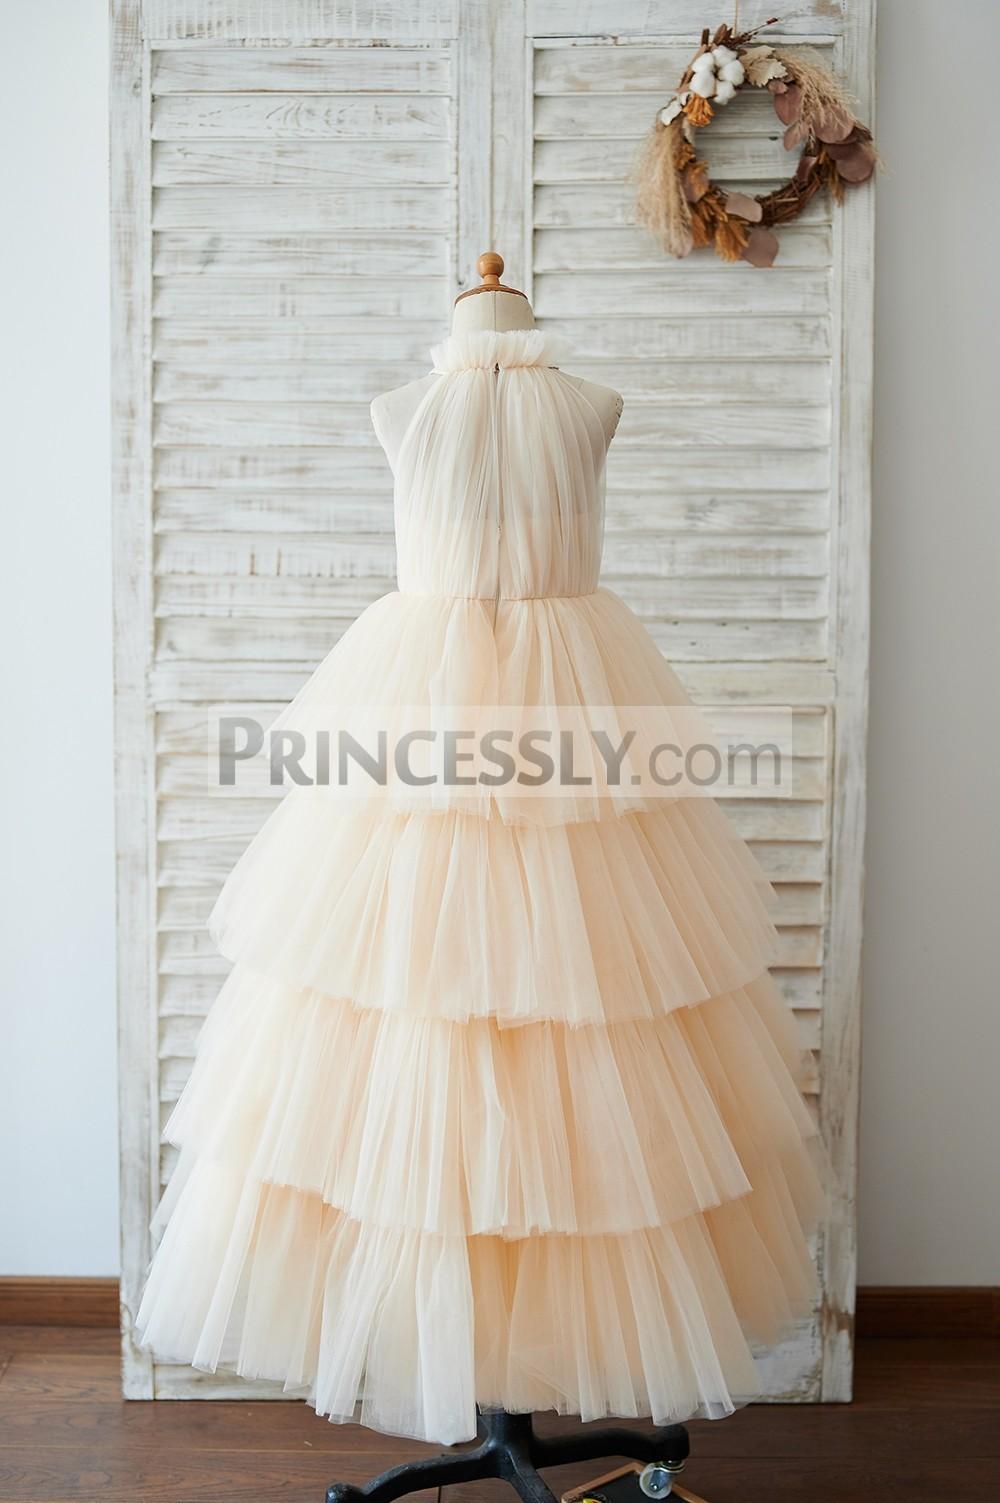 Ruffled halter neck floor length tulle wedding baby girl dress